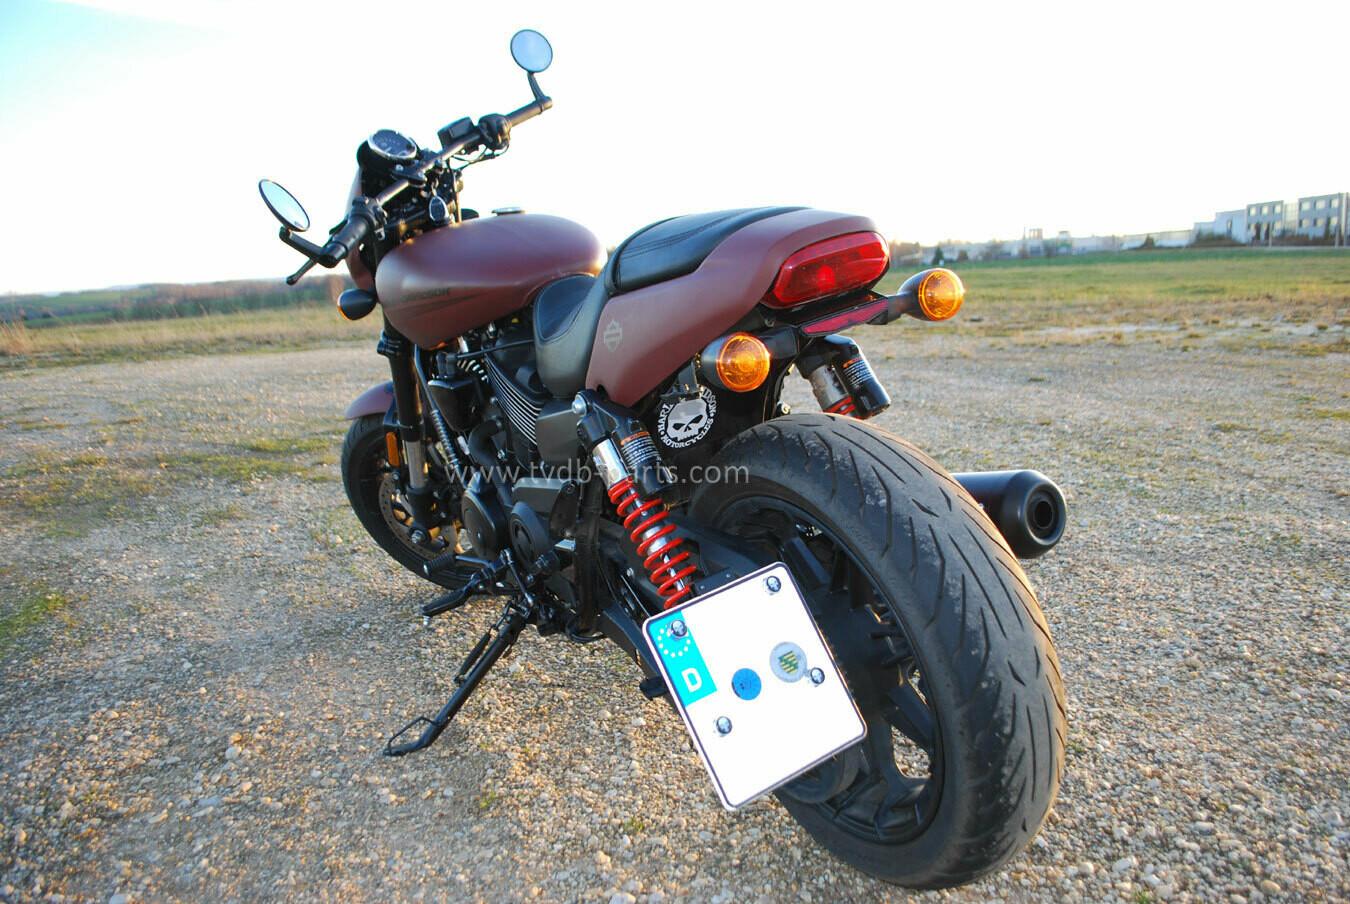 Harley Davidson Street Rod XG 750 A - Heckumbau mit seitlichen Kennzeichenhalter (Fender Eliminator Kit) für Original HD Blinker